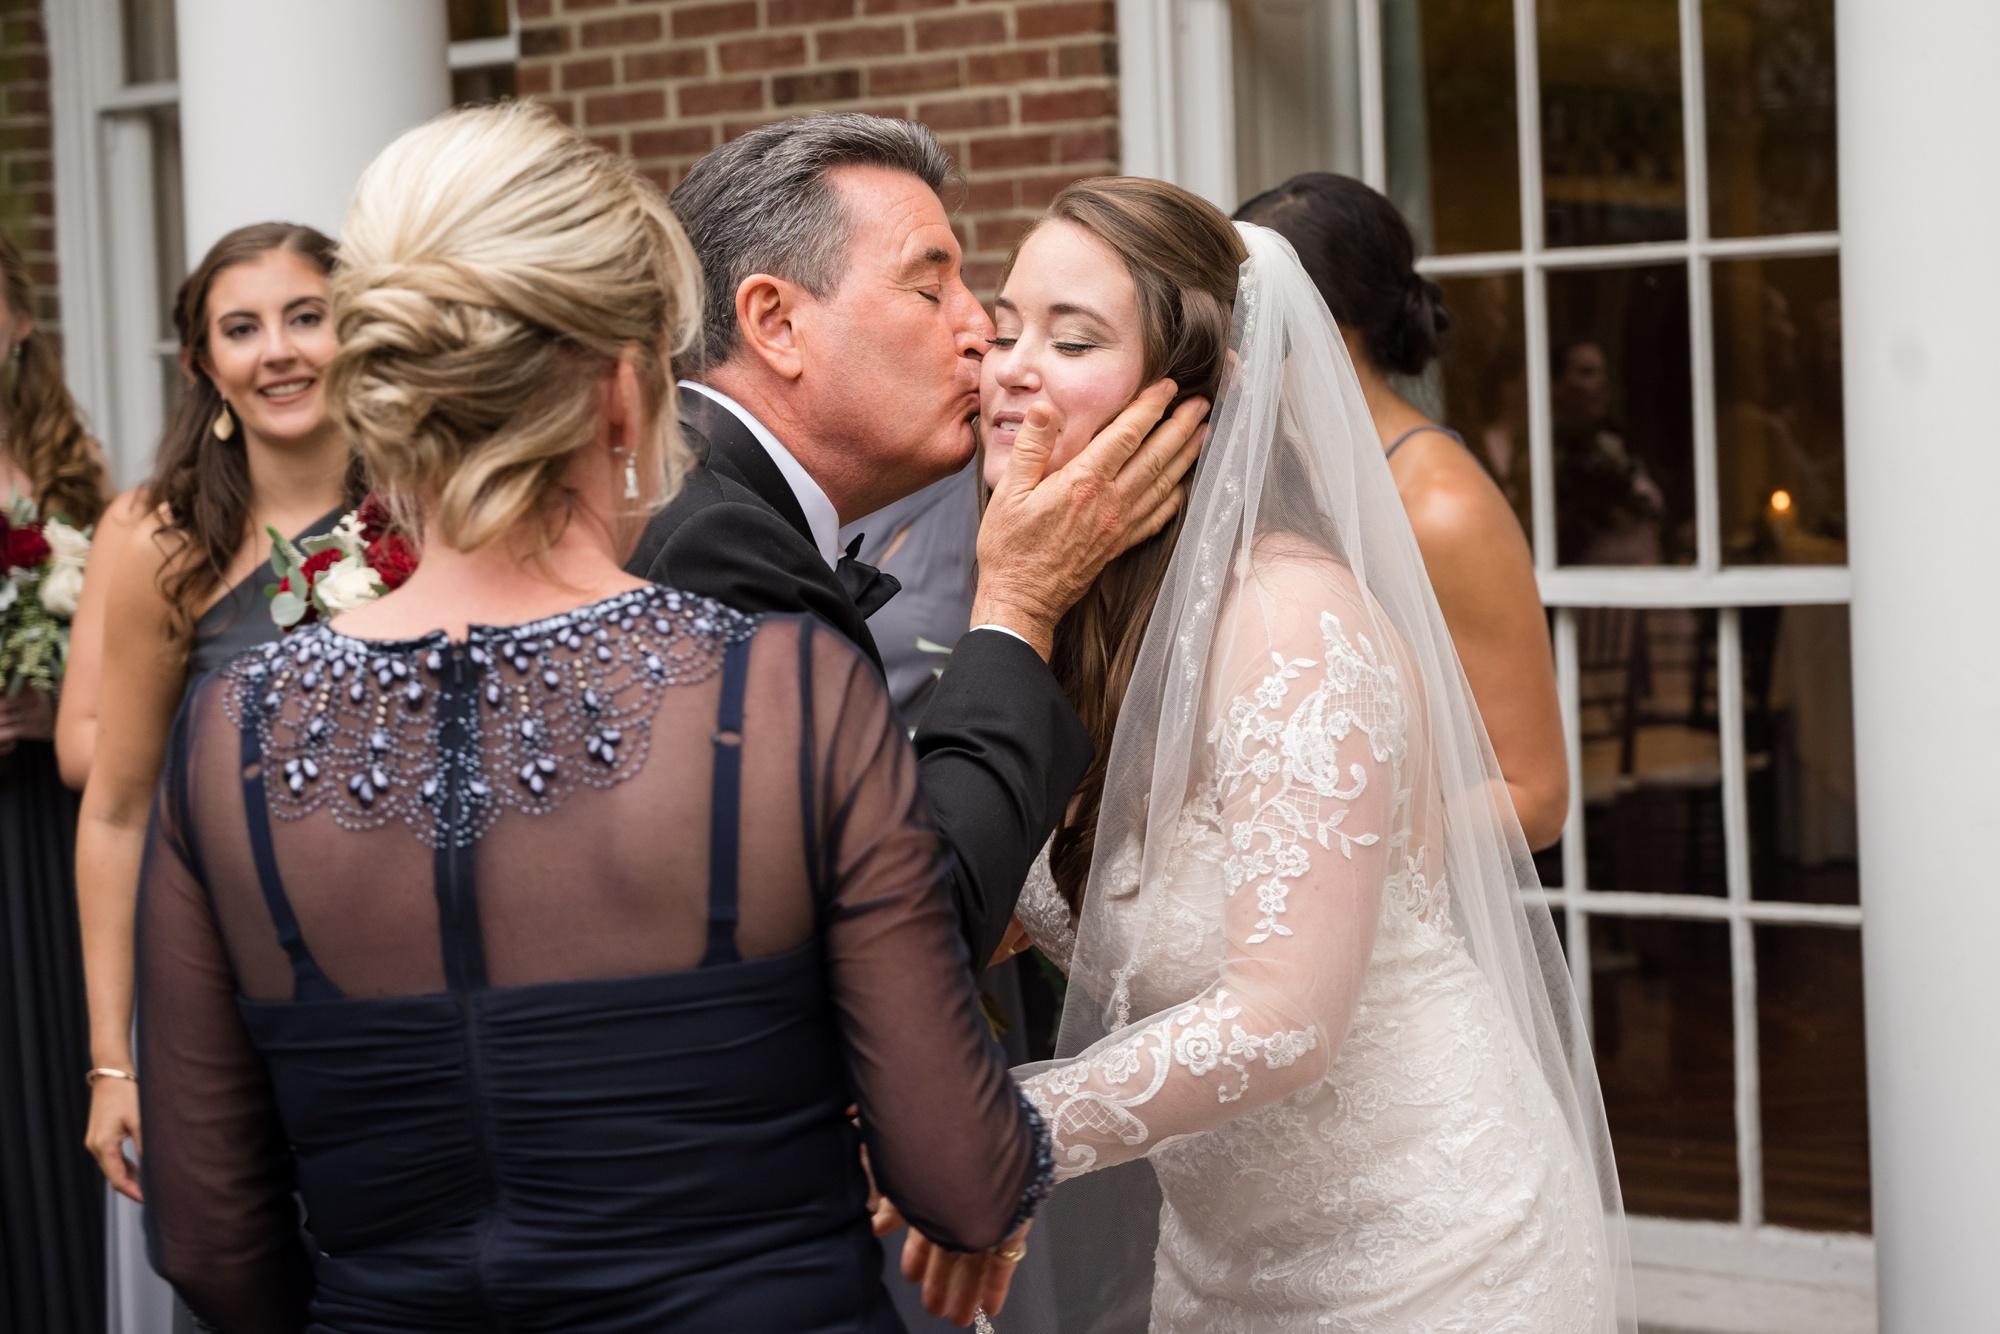 family hugging wedding easton maryland